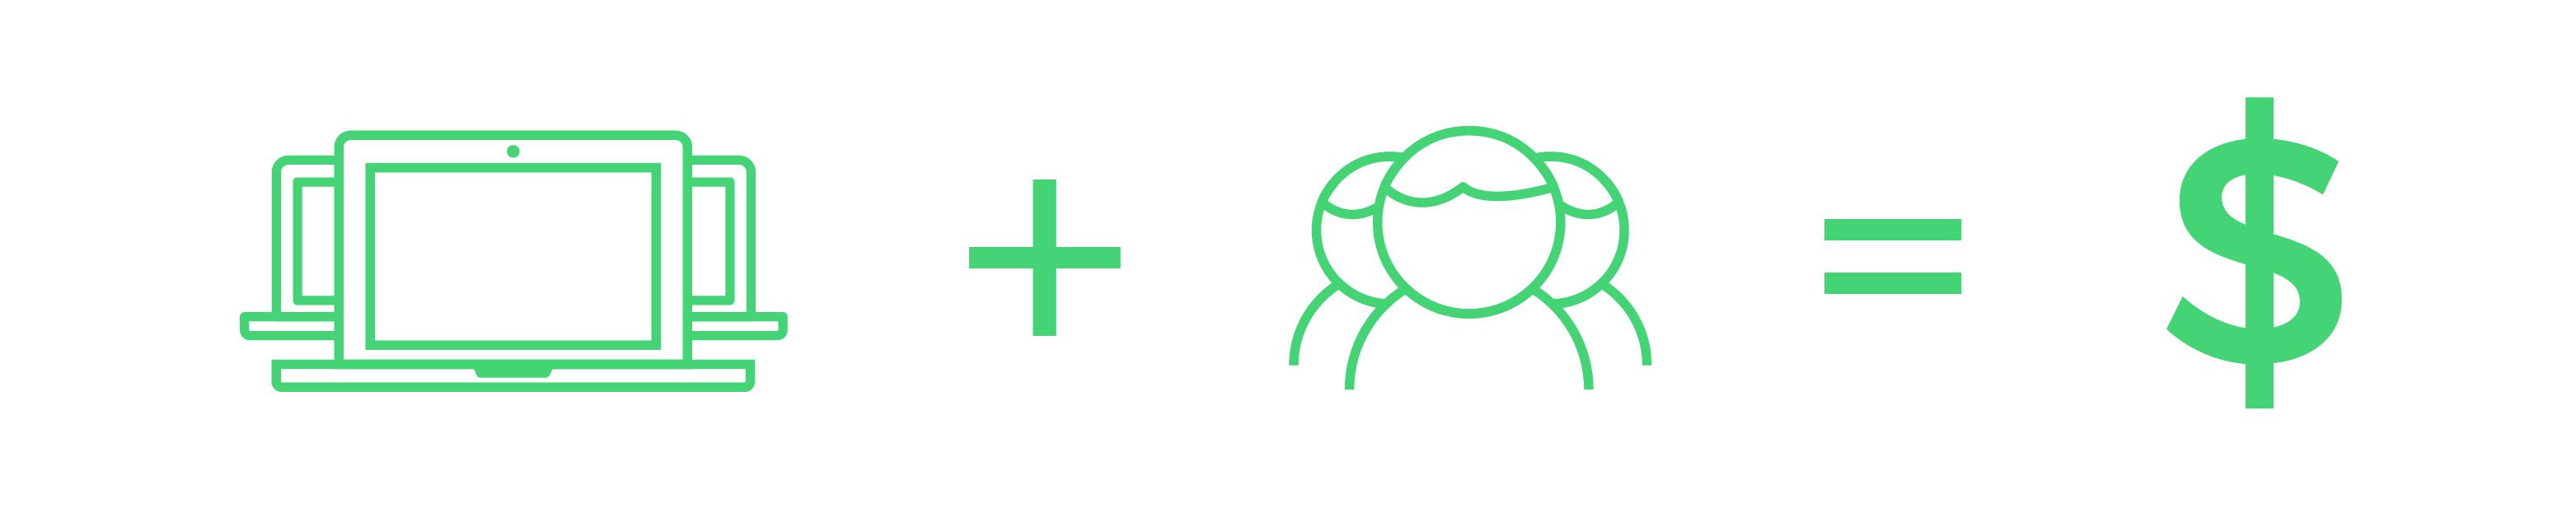 icon computer plus clients equal cash